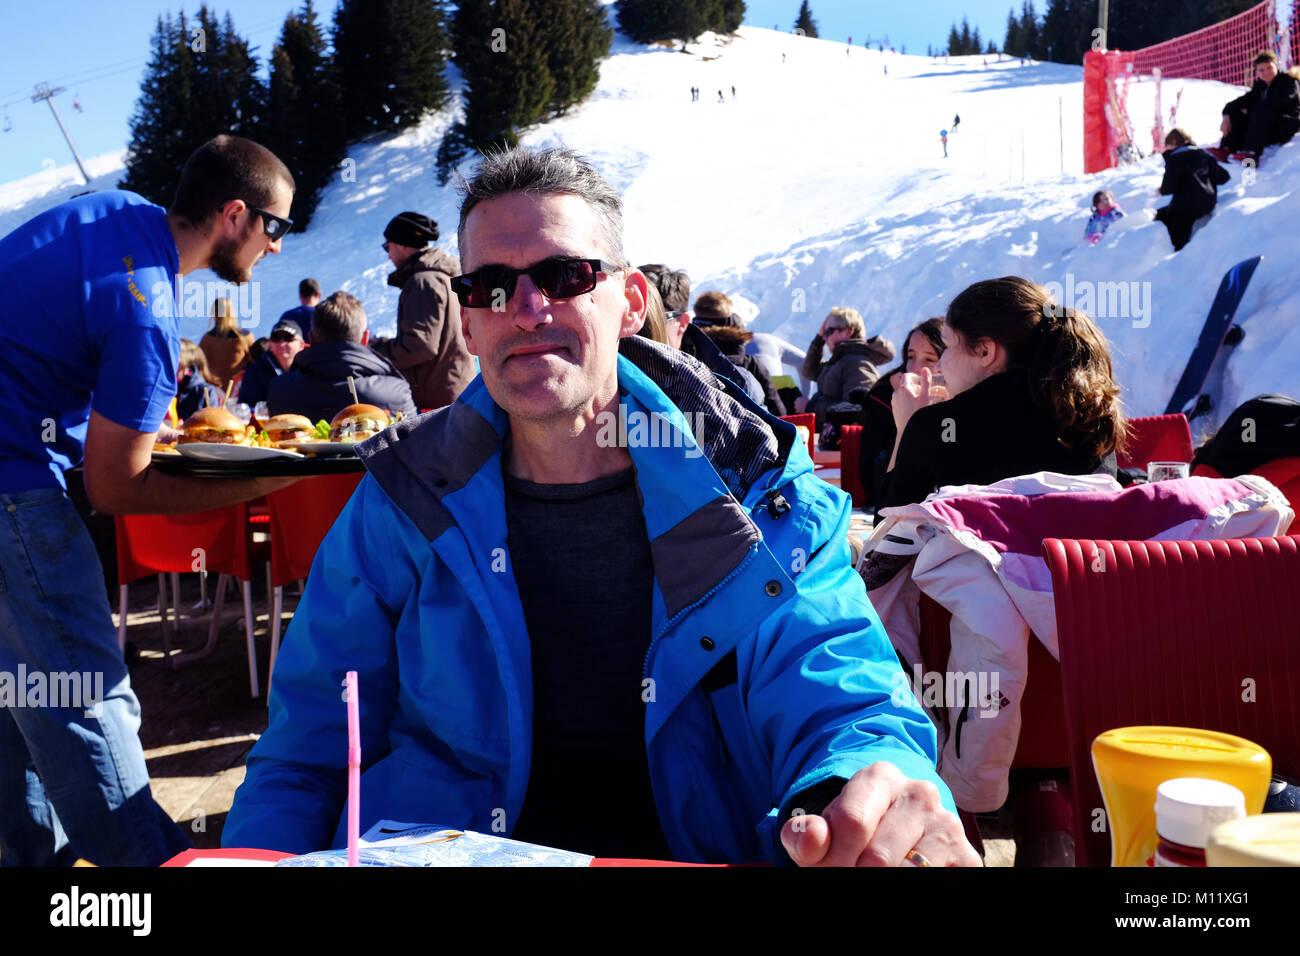 Mangiare in un esterno ski resort e ristorante in una giornata di sole, Samoens Francia Immagini Stock